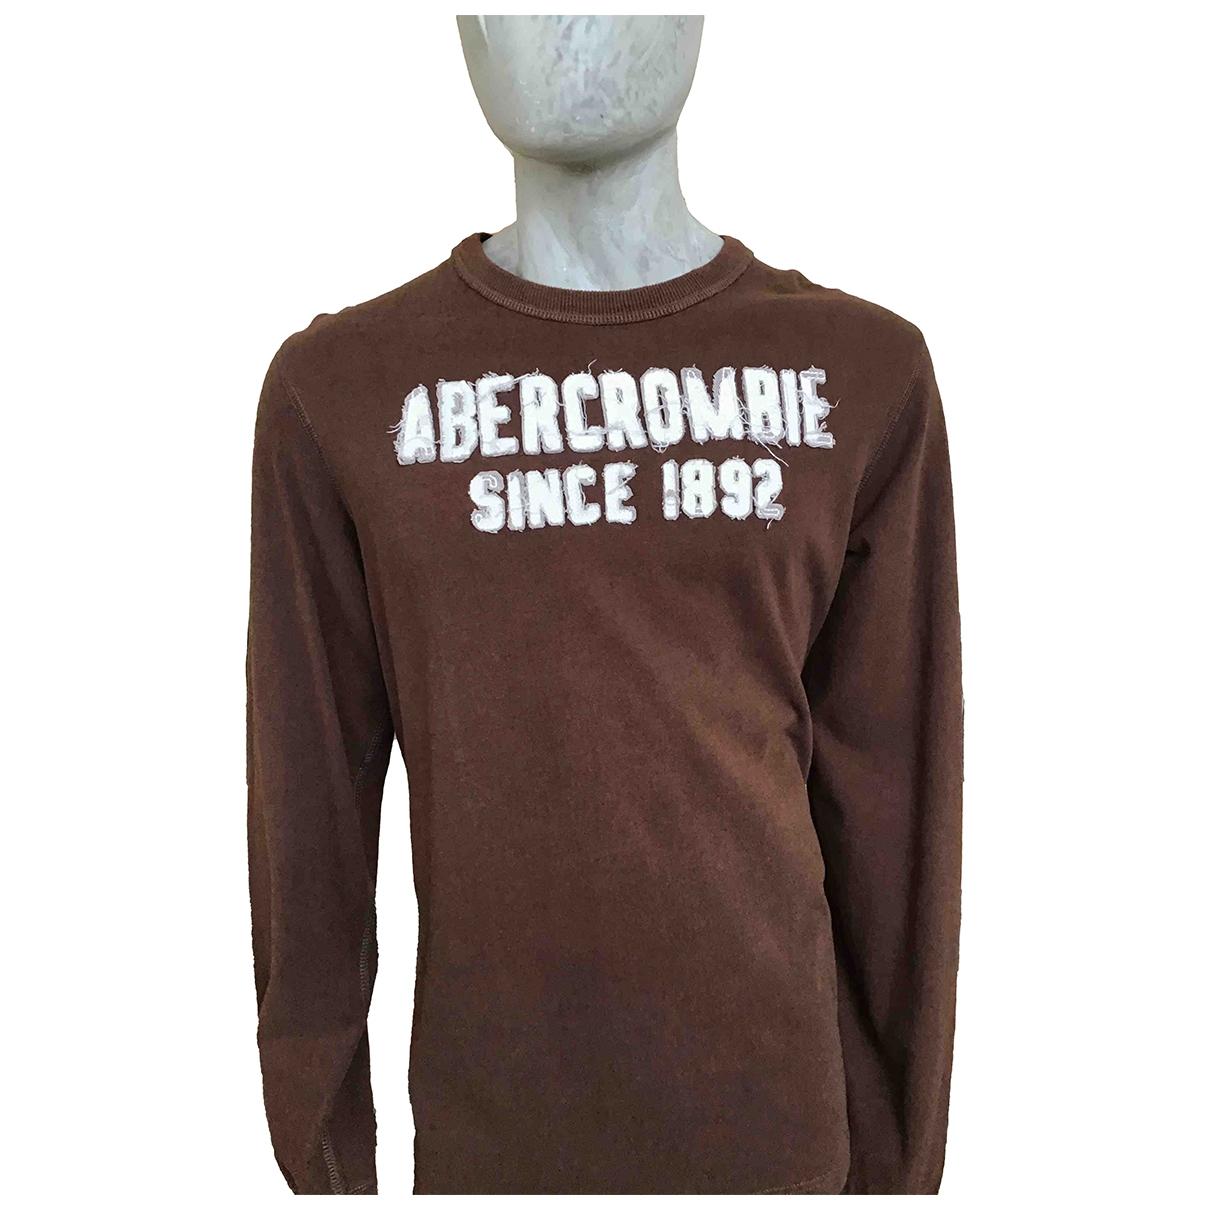 Abercrombie & Fitch - Tee shirts   pour homme en coton - marron